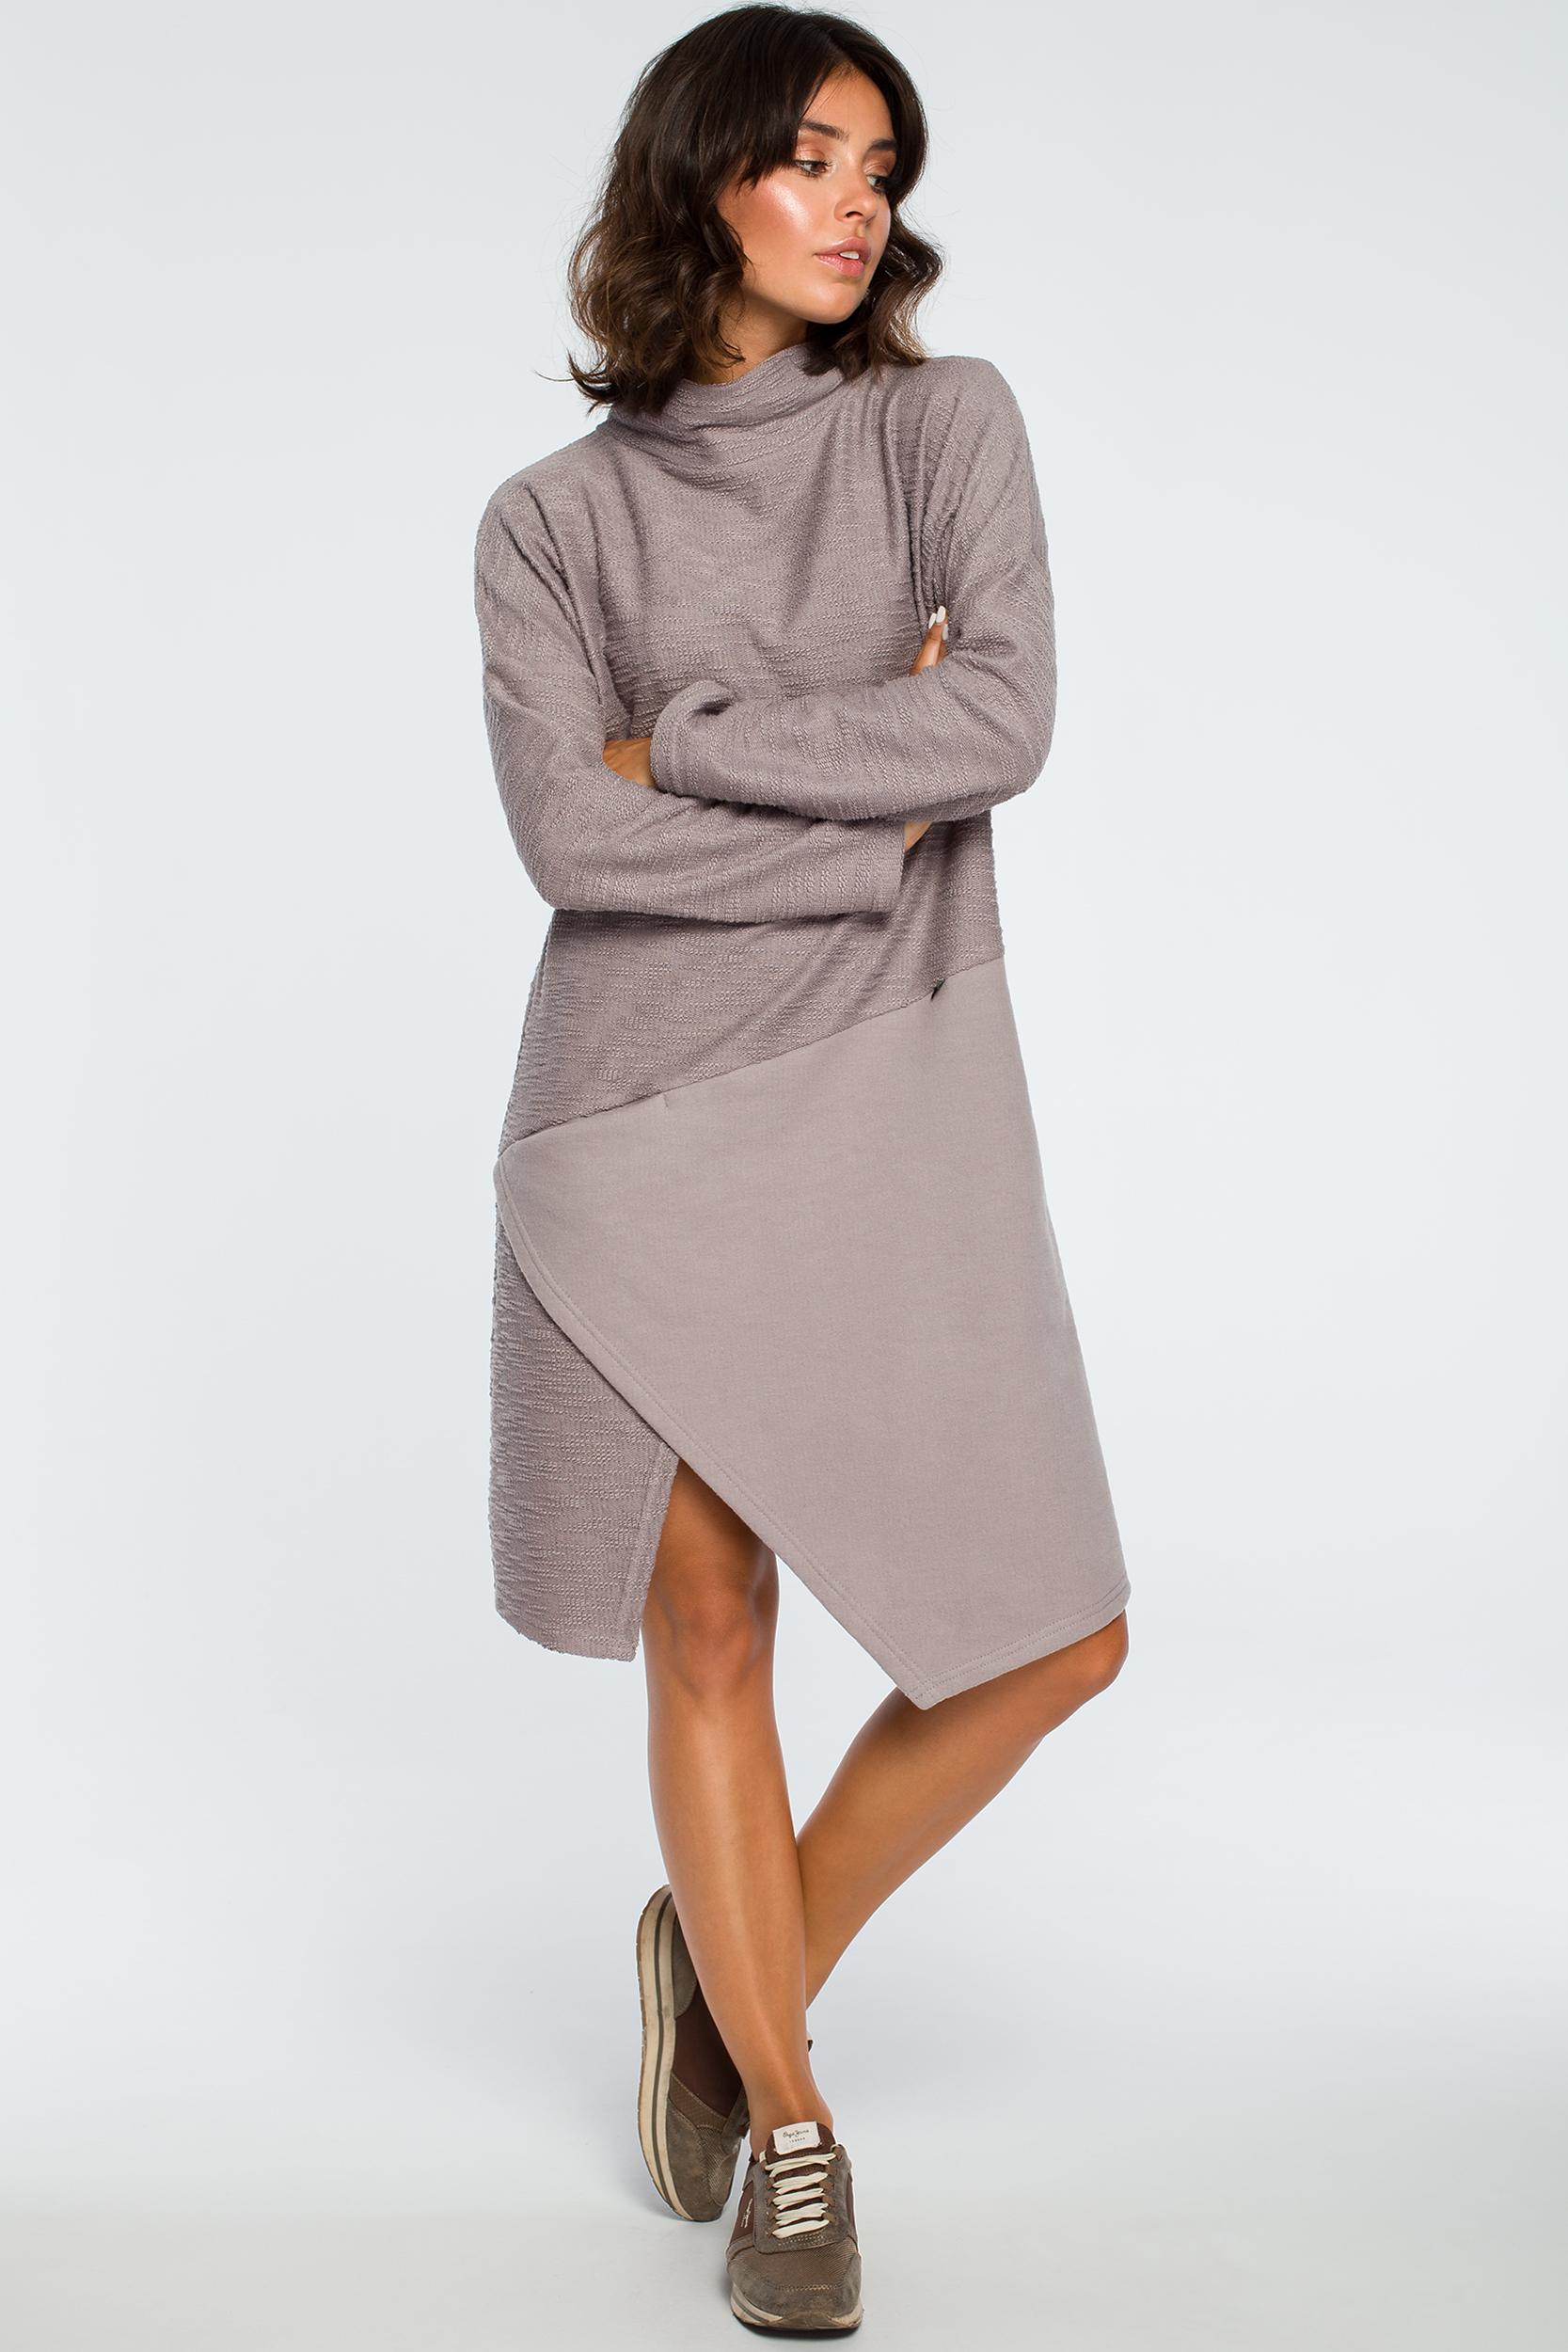 CM3995 Sukienka z asymetrycznym przeszyciem na przodzie - szara